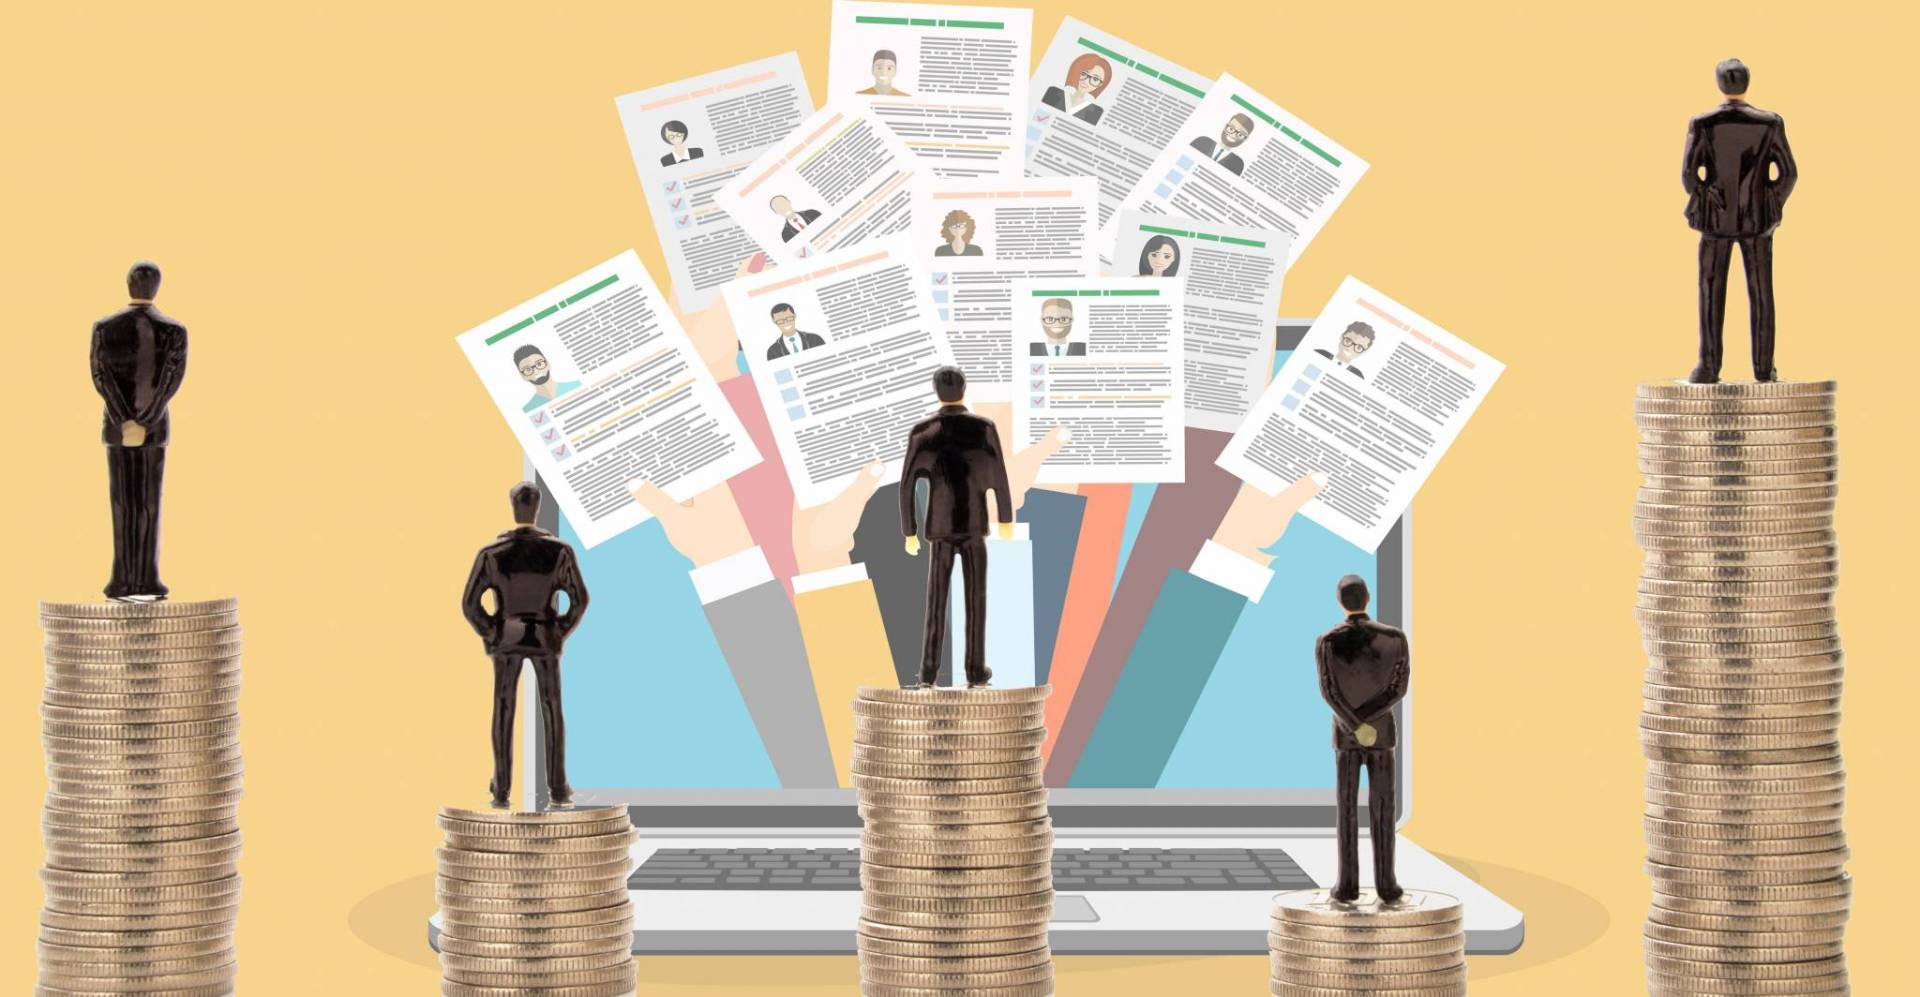 قائمة الوظائف.. الأكثر طلباً في الولايات المتحدة